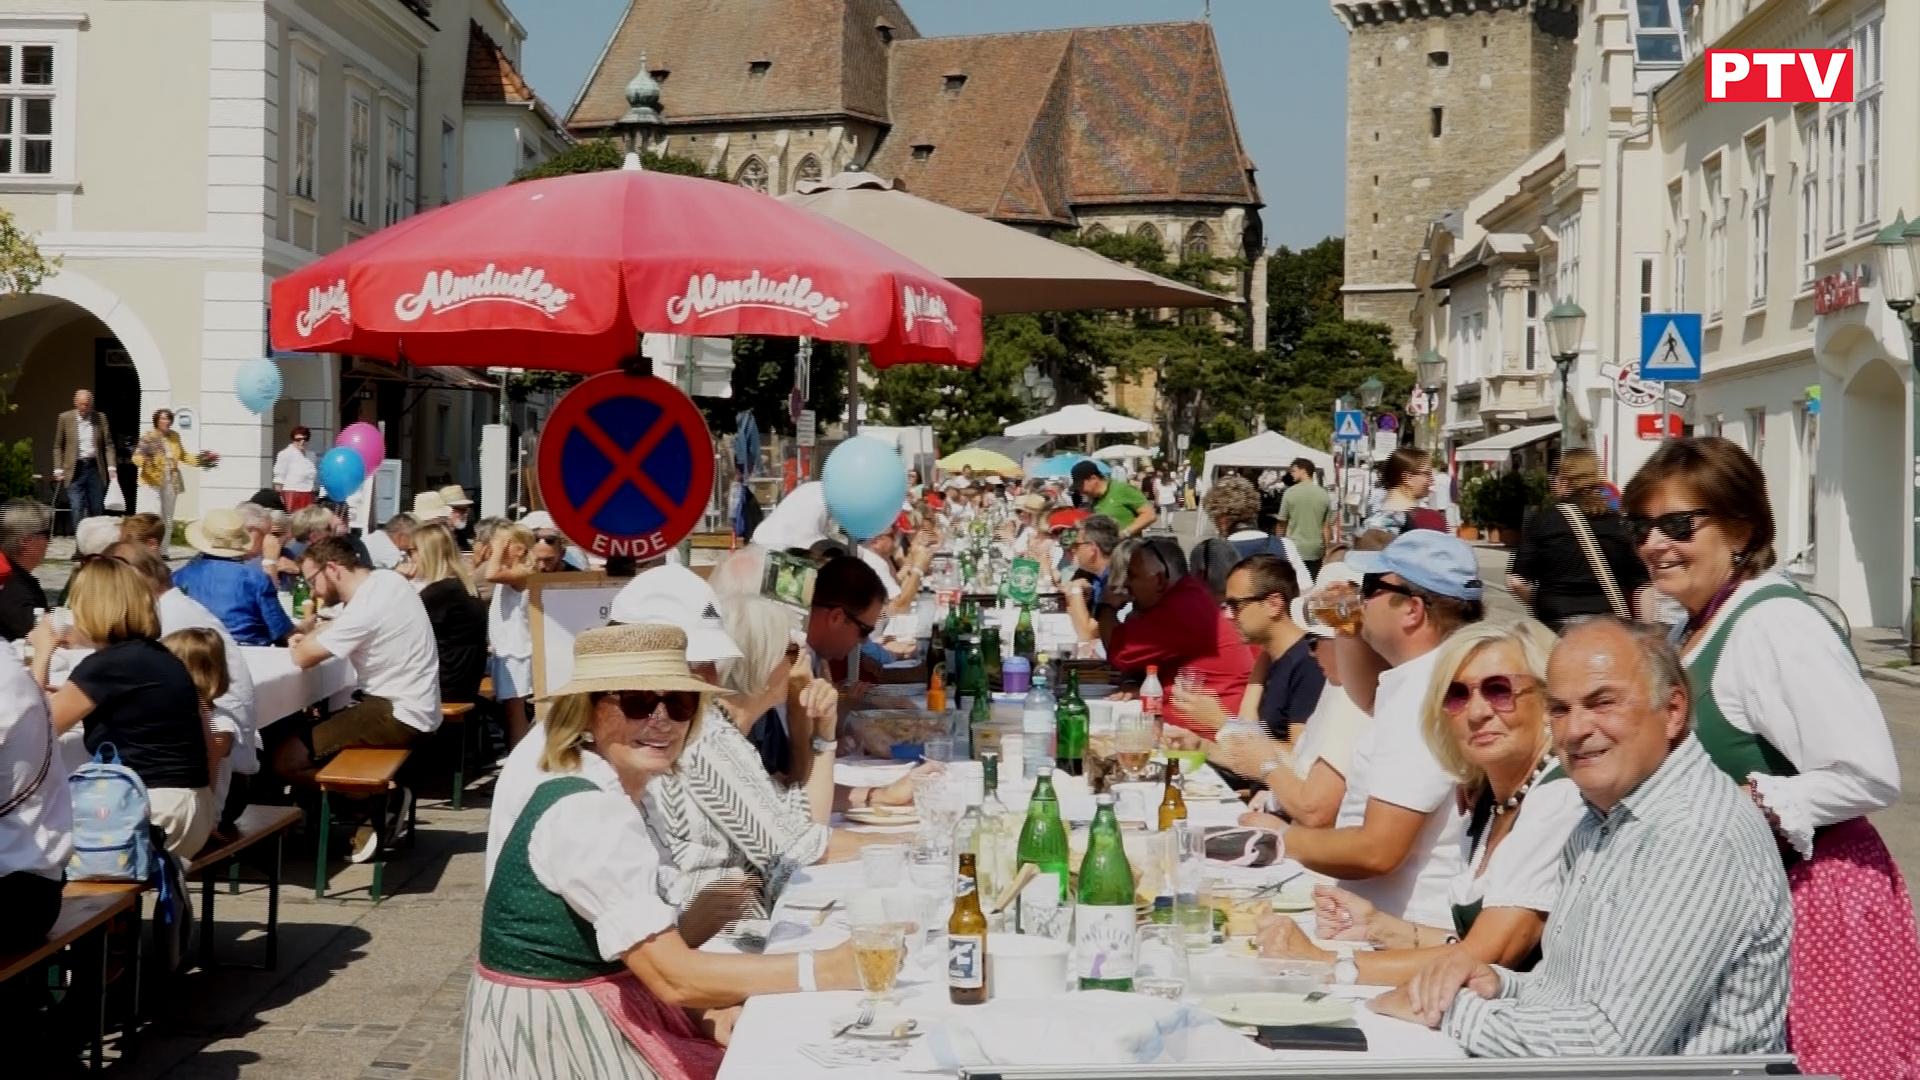 Die Festtafel am Marktplatz